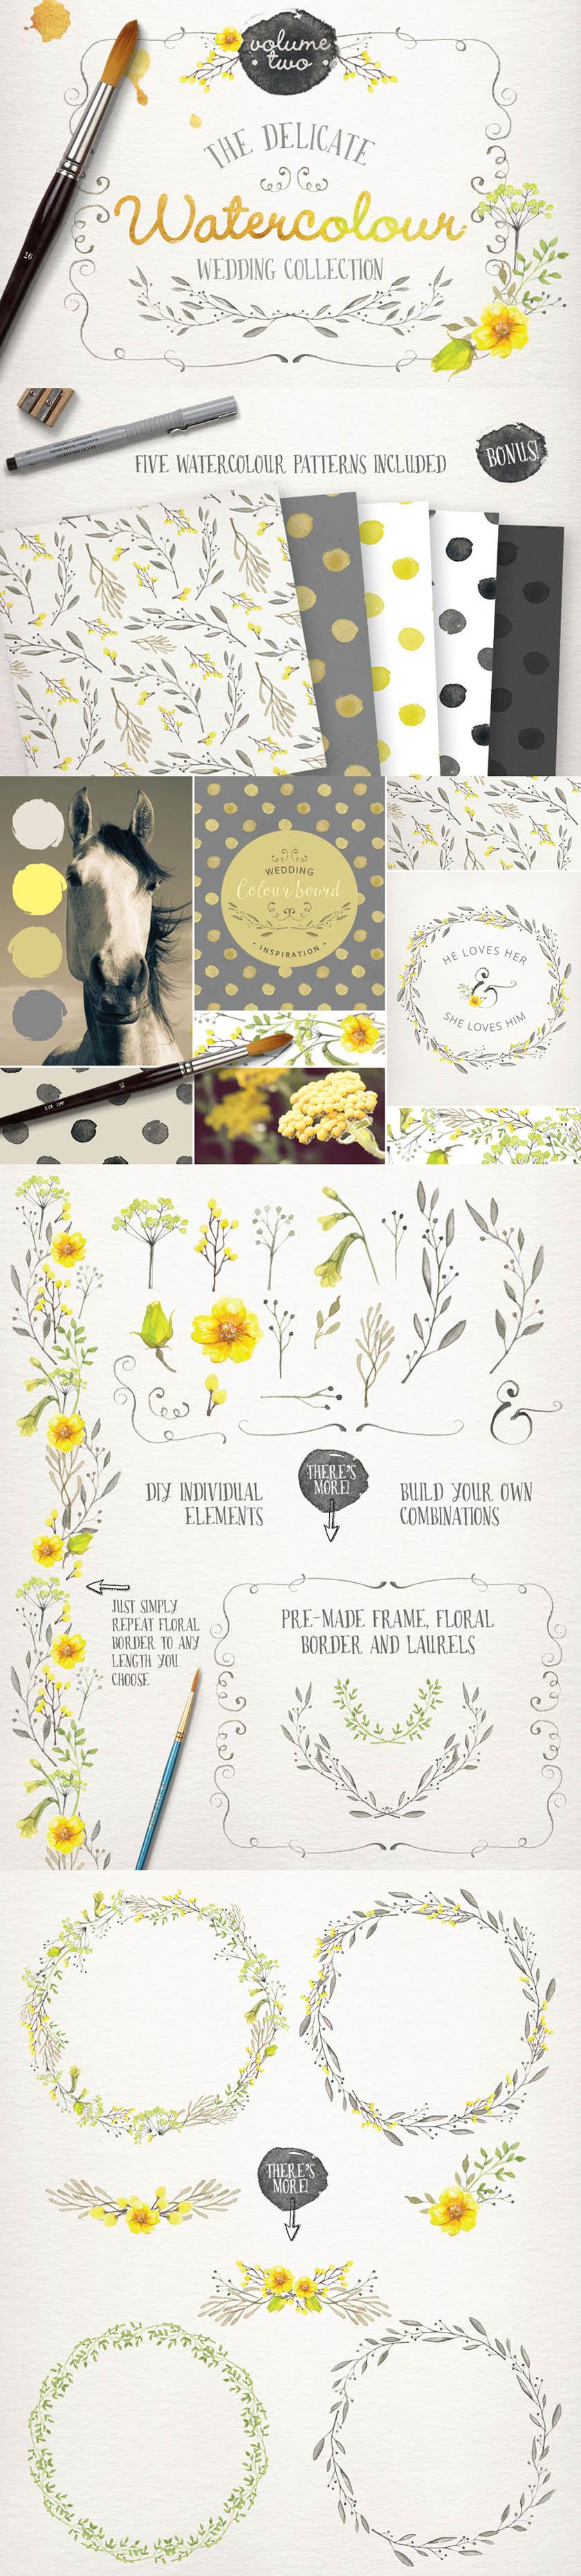 素材免抠图片透明背景水彩手绘鲜花花朵花卉植物花边花环边框无缝图案